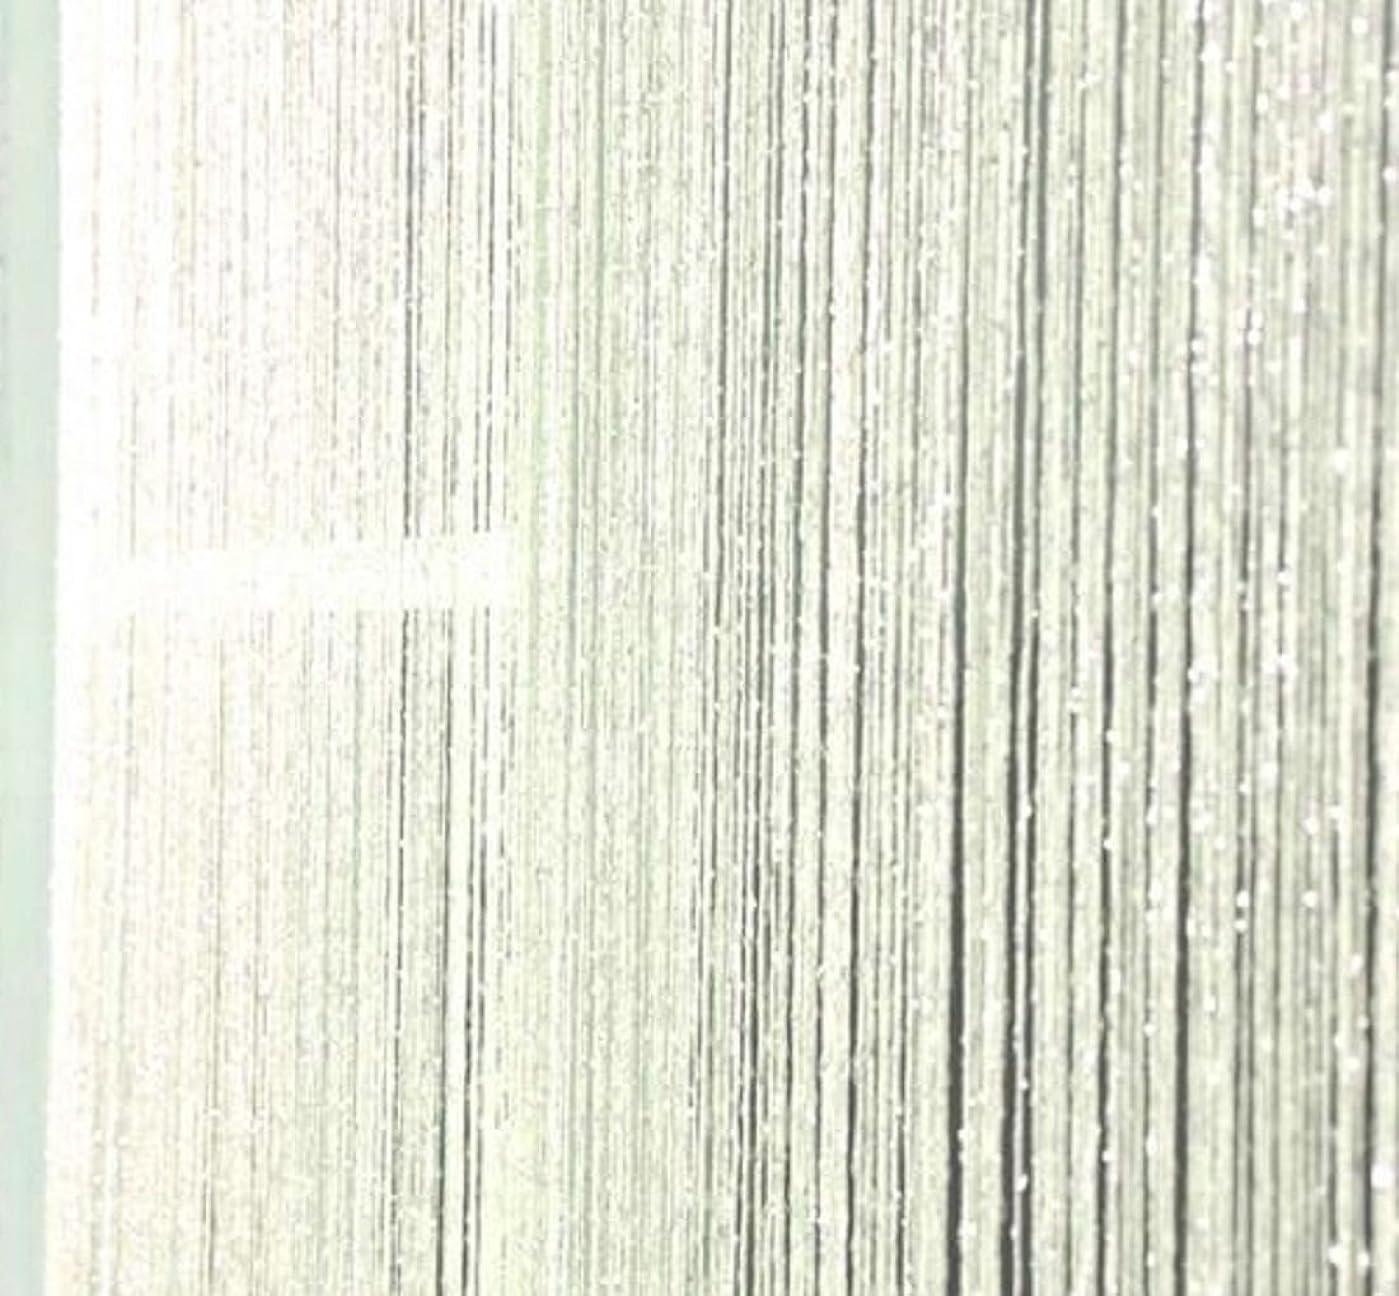 終わり市の中心部トリムキラキラ光る 紐のれん ストリングカーテン ひものれん 目隠し 白 (ホワイト) 95×200cm